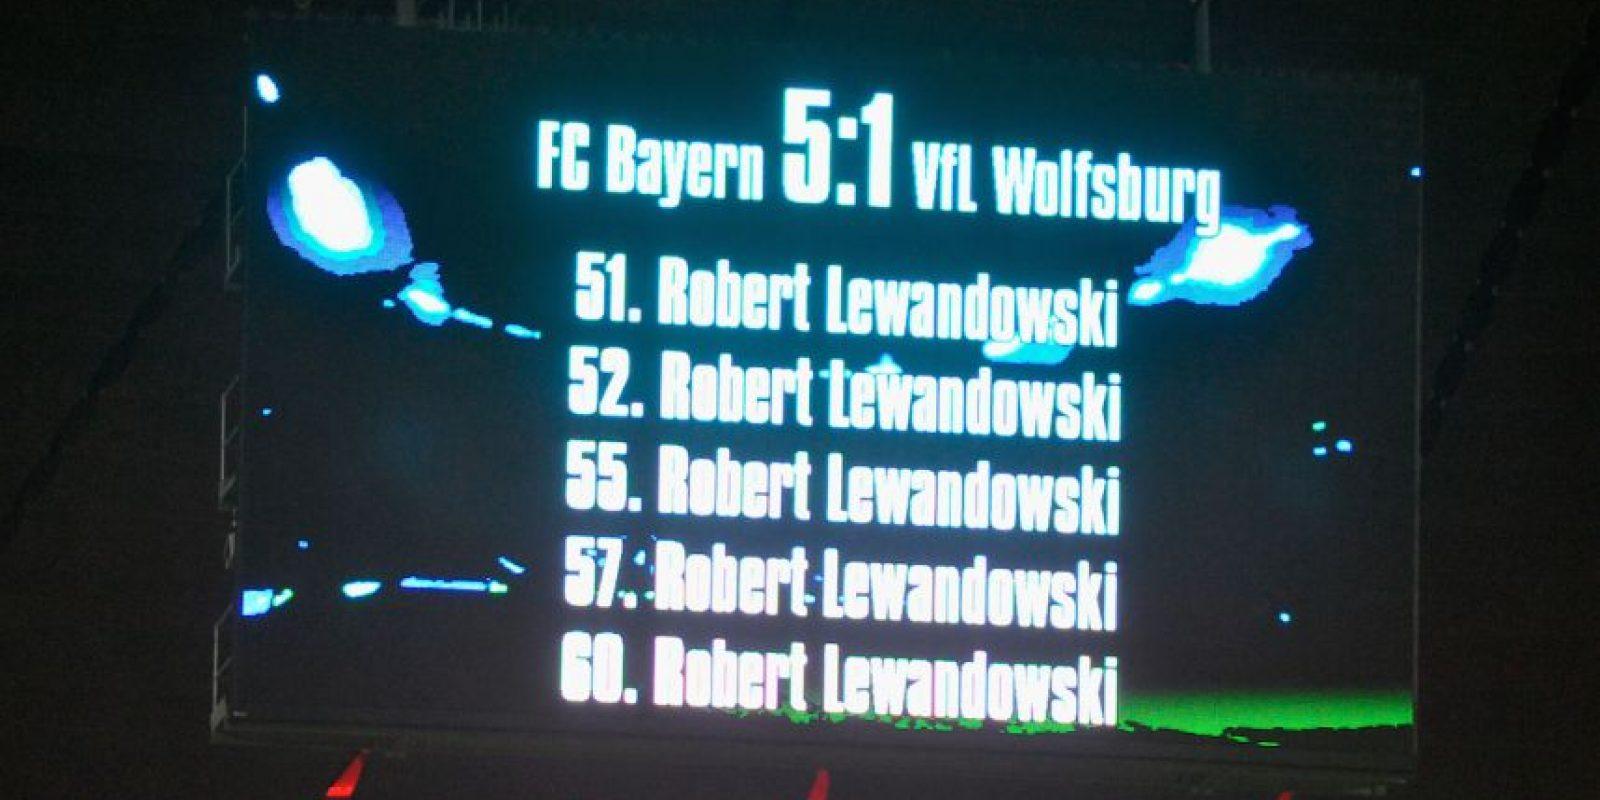 Su explosión goleadora comenzó en el partido ante el Wolfsburgo, en el que marcó cinco goles, ¡en sólo 9 minutos! Foto:Getty Images